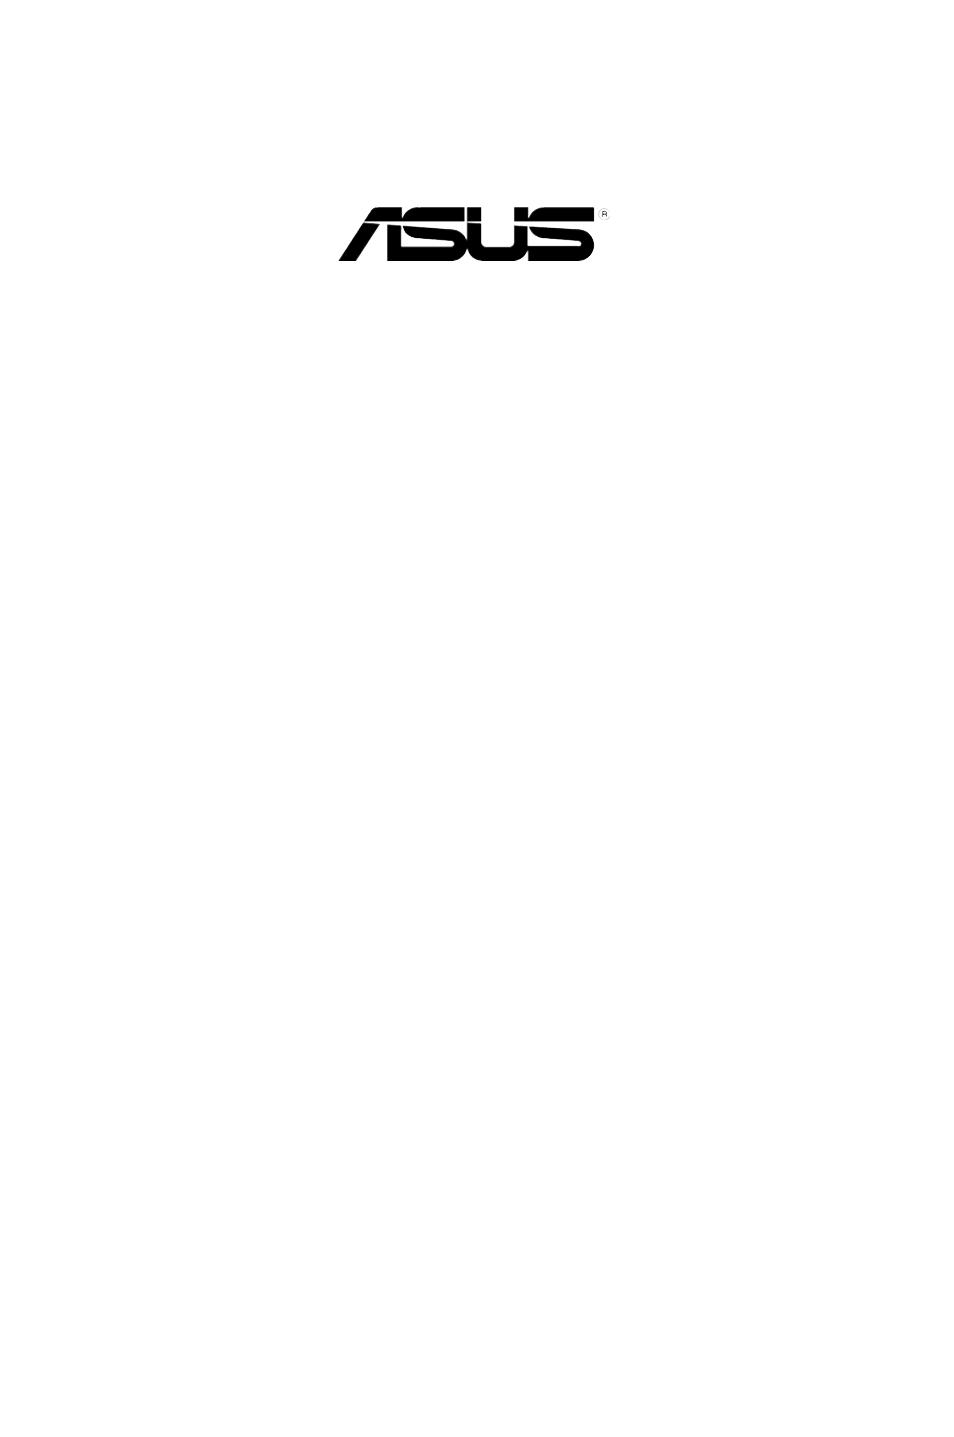 Материнская плата Asus N13219 инструкция - картинка 1